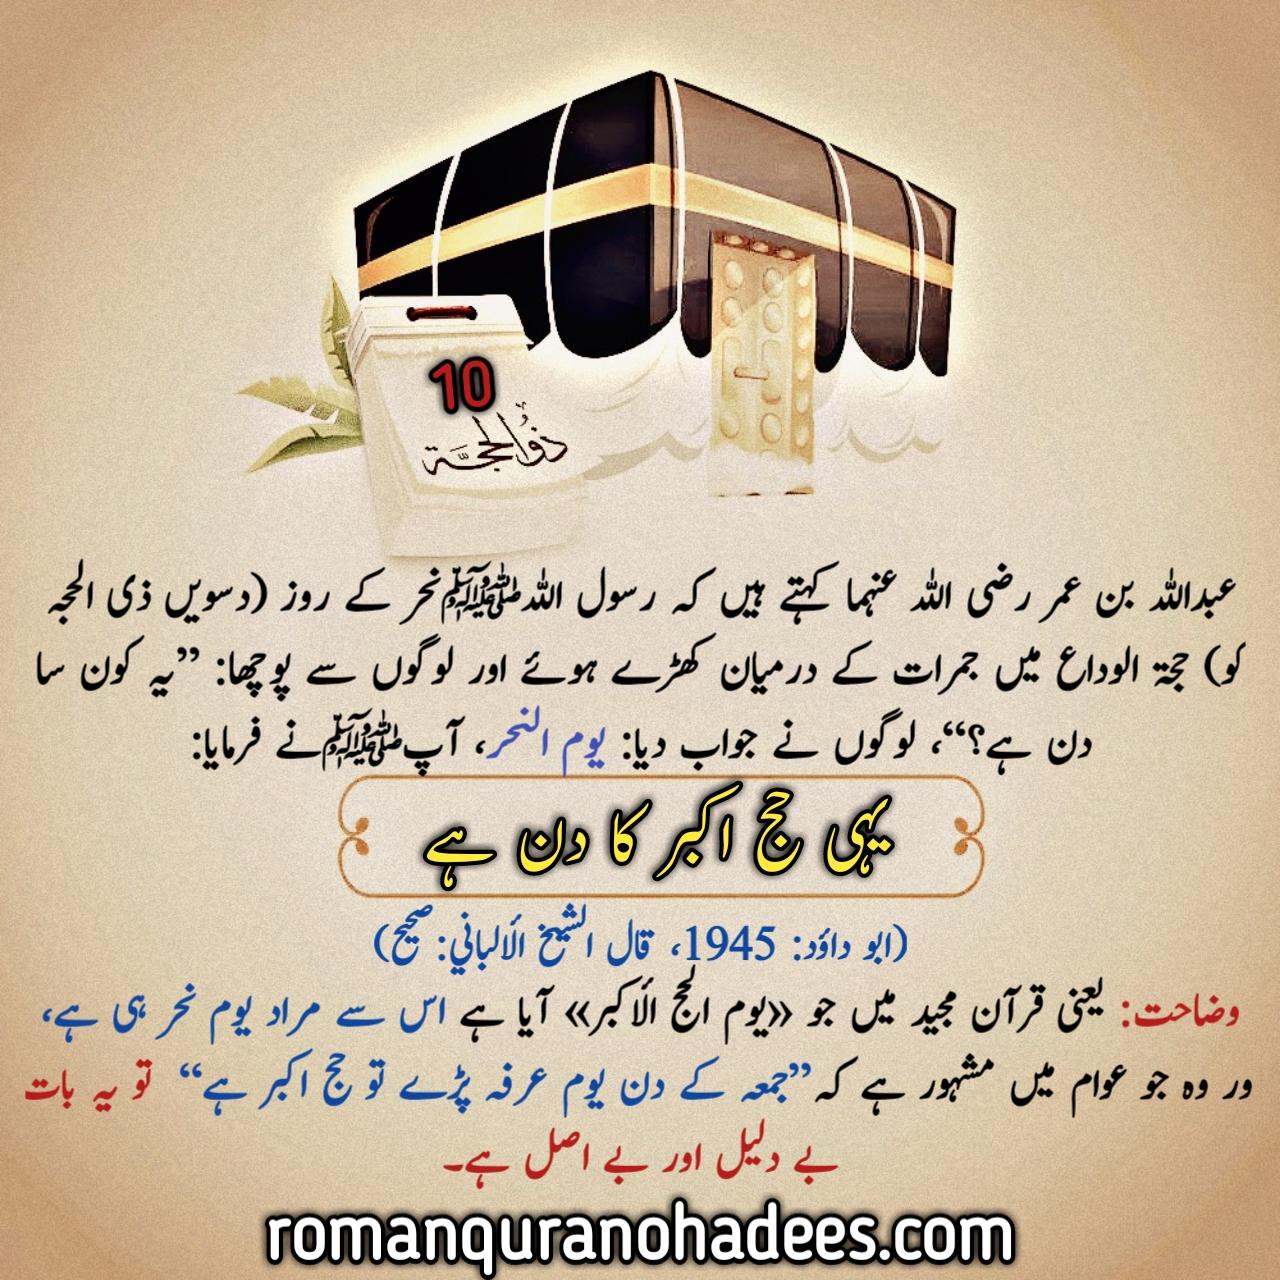 Hajj e Akbar Urdu.jpg